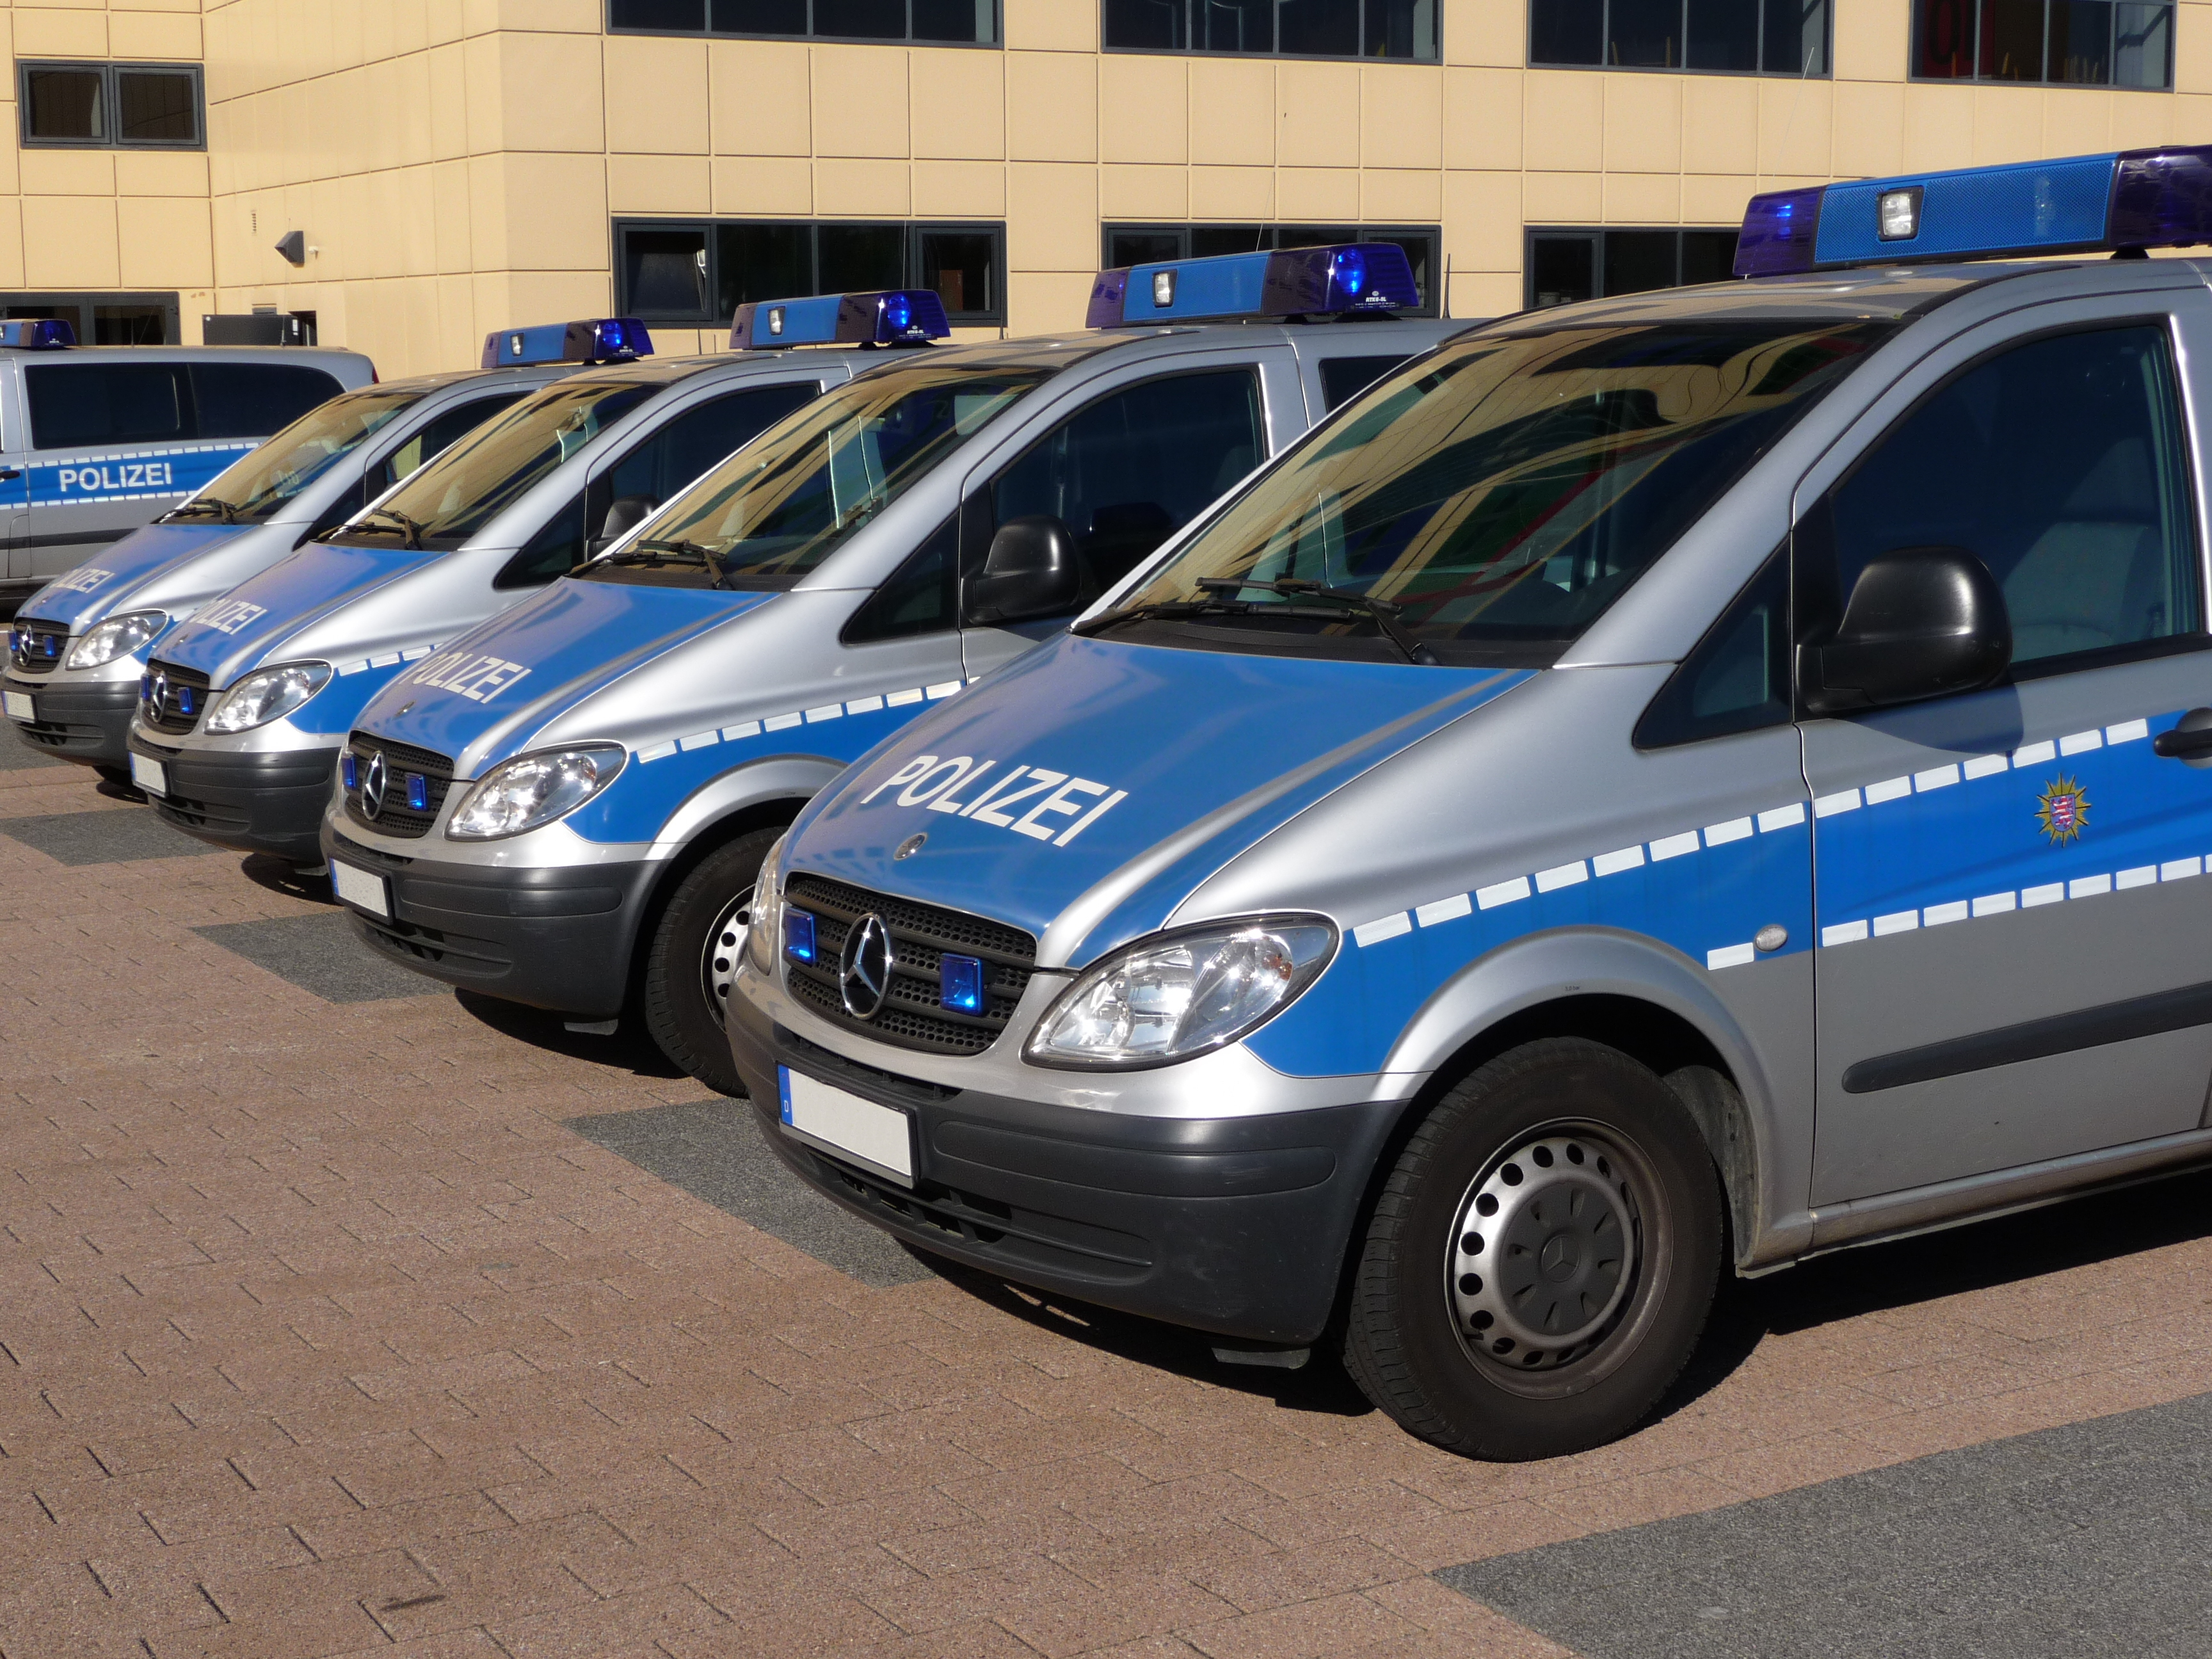 2 Polizei MPU (1)